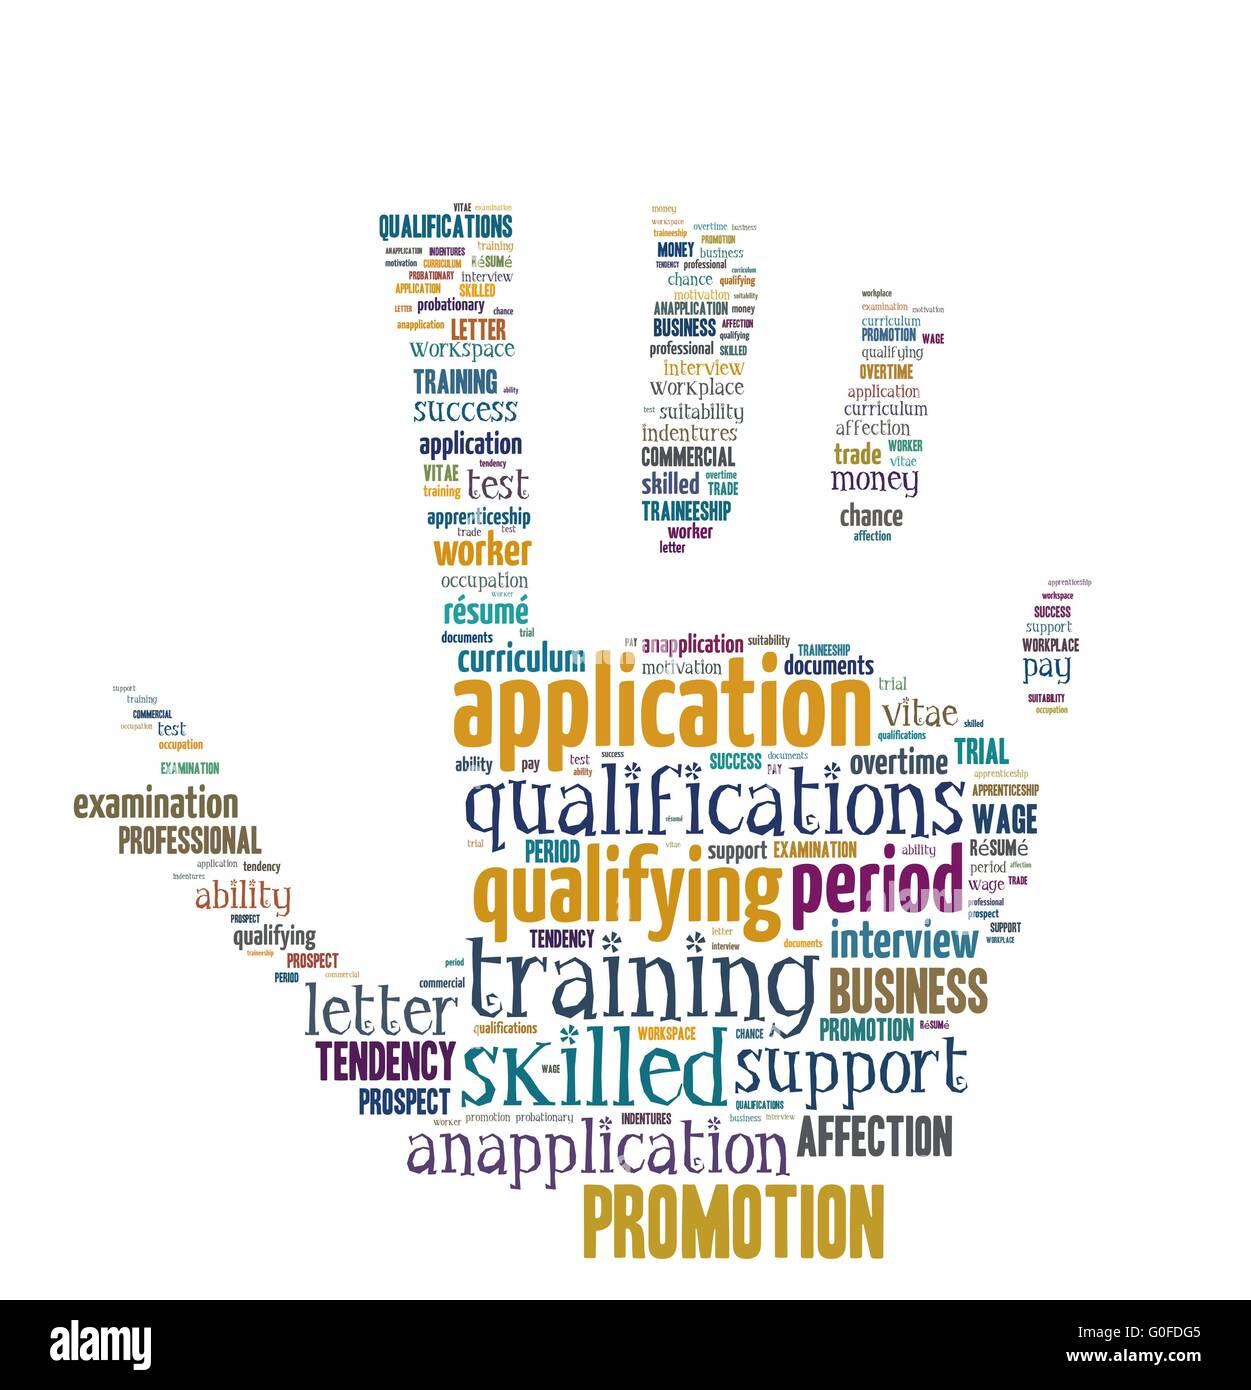 Cloud Word isolé - concepts relatifs à l'application et à la carrière Banque D'Images